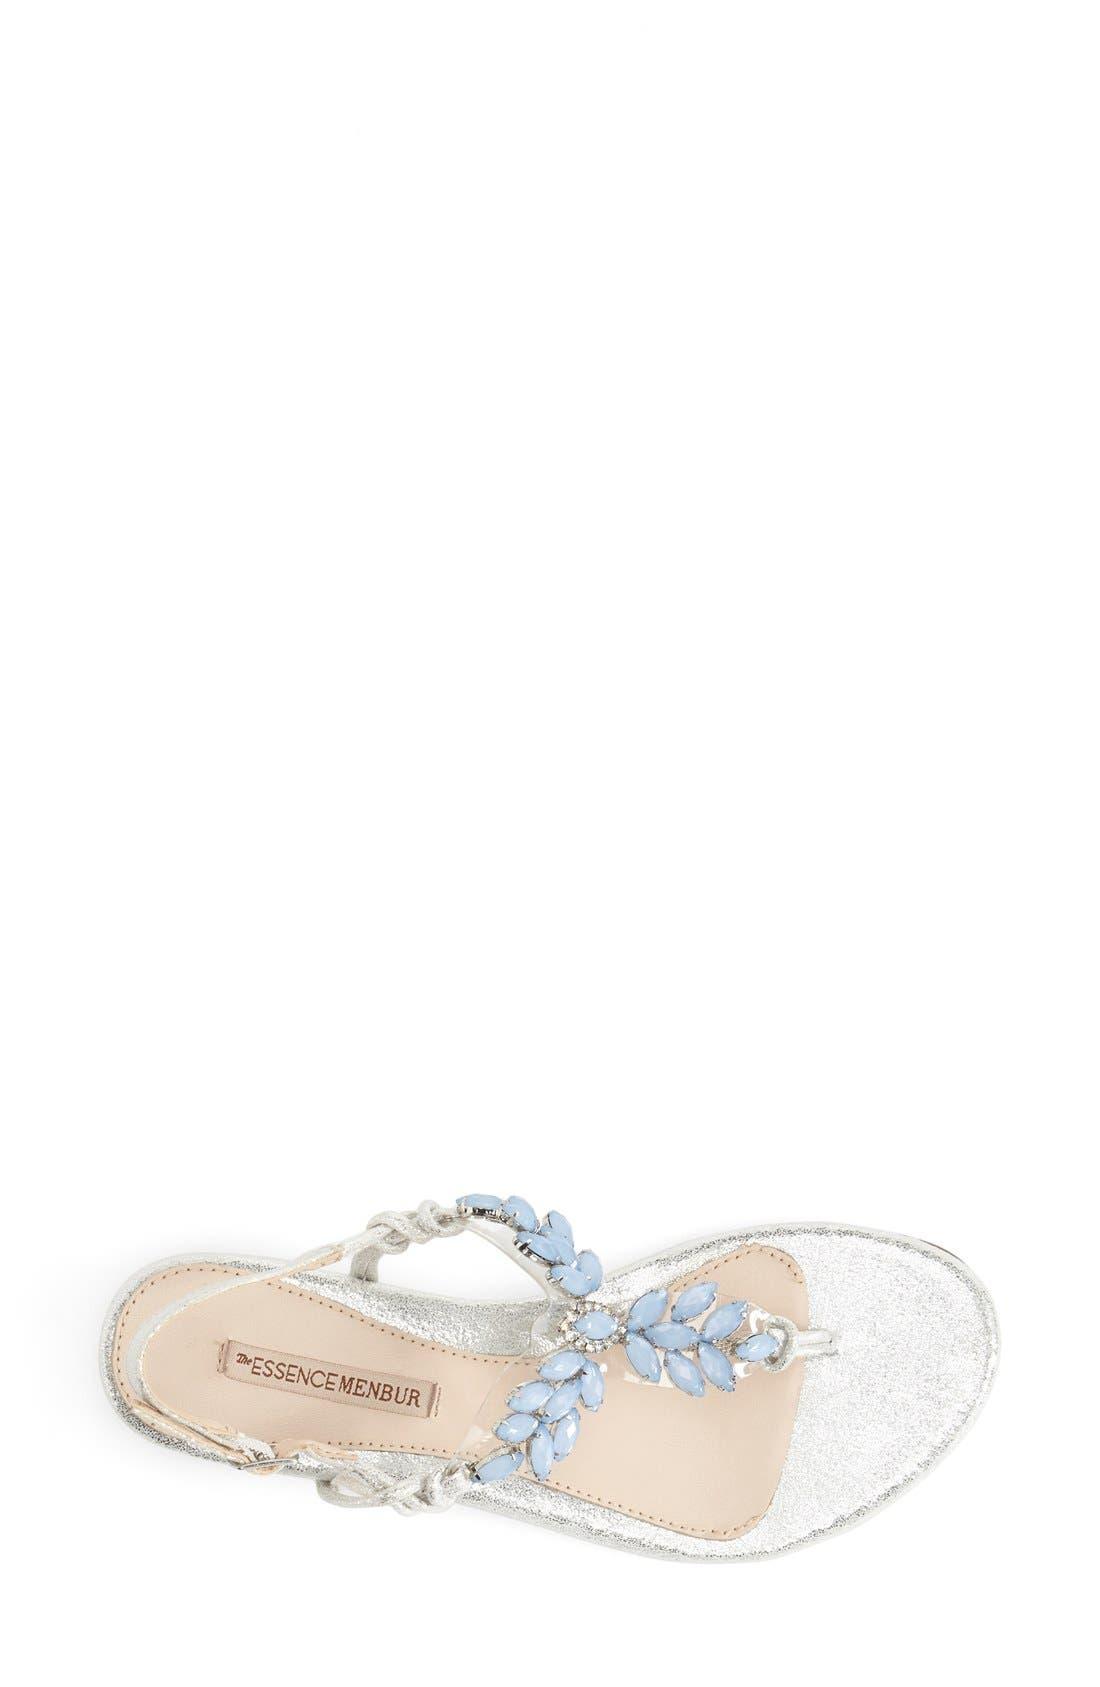 Alternate Image 3  - Menbur 'Dolara' Crystal Embellished Satin Thong Sandal (Women)